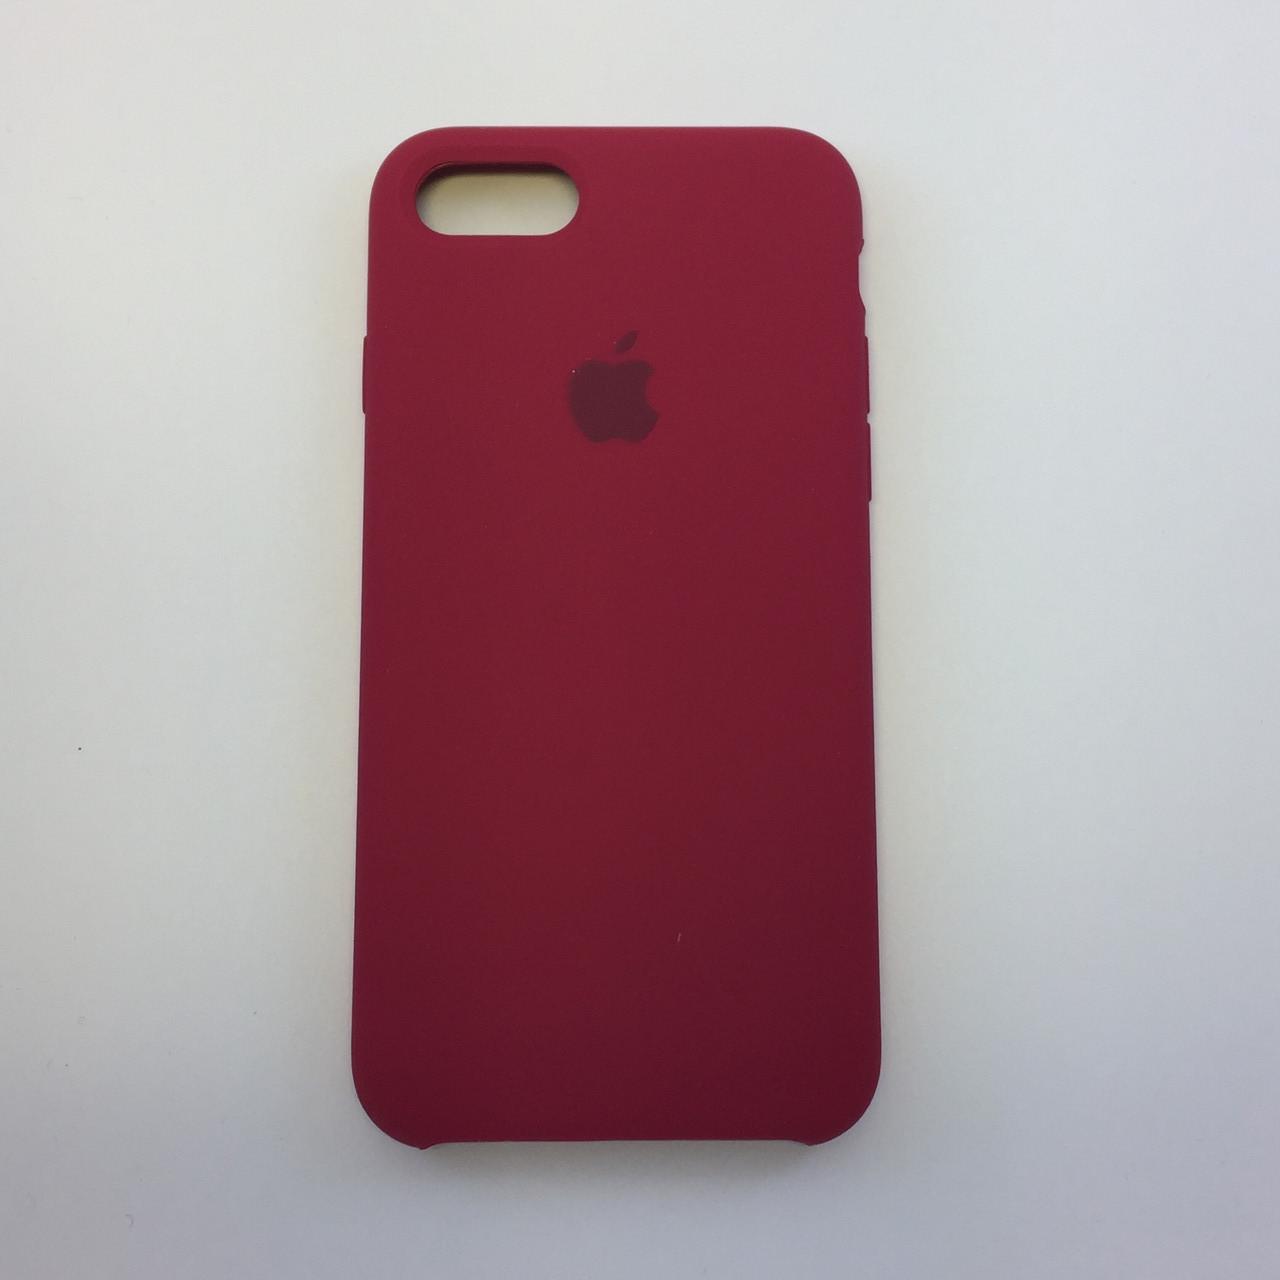 Силиконовый чехол для iPhone 8 Plus, - «темно-розовый» - copy original